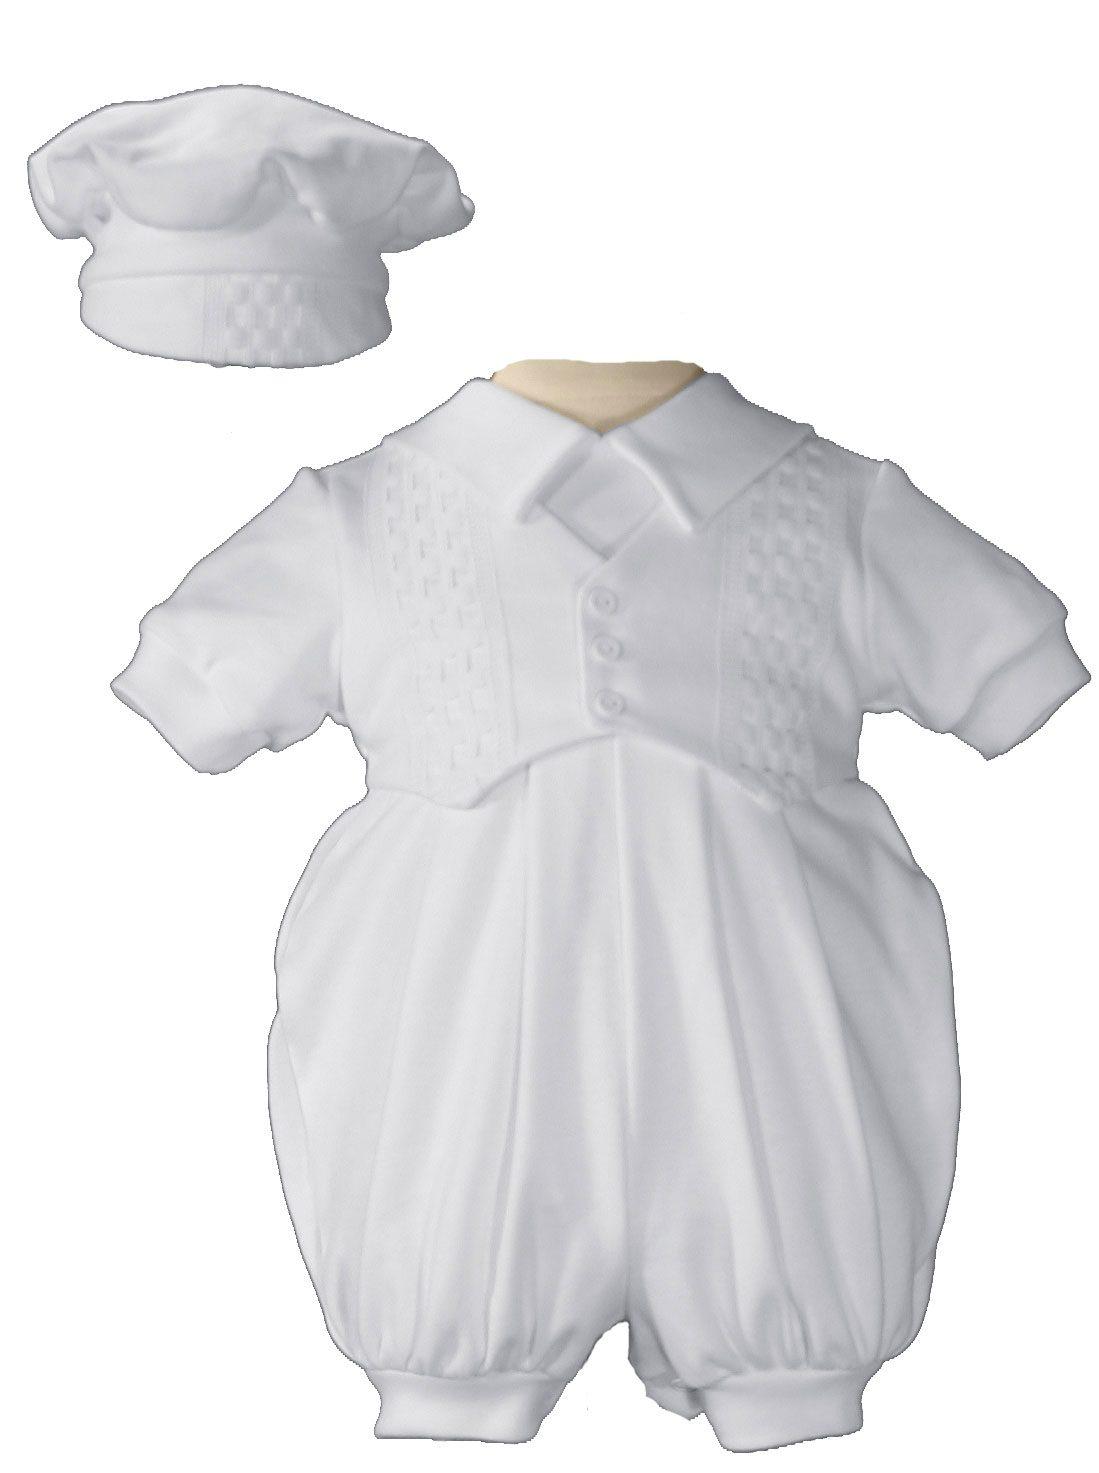 Boys Short Sleeve White Celebration Christening Baptism Set with Hat